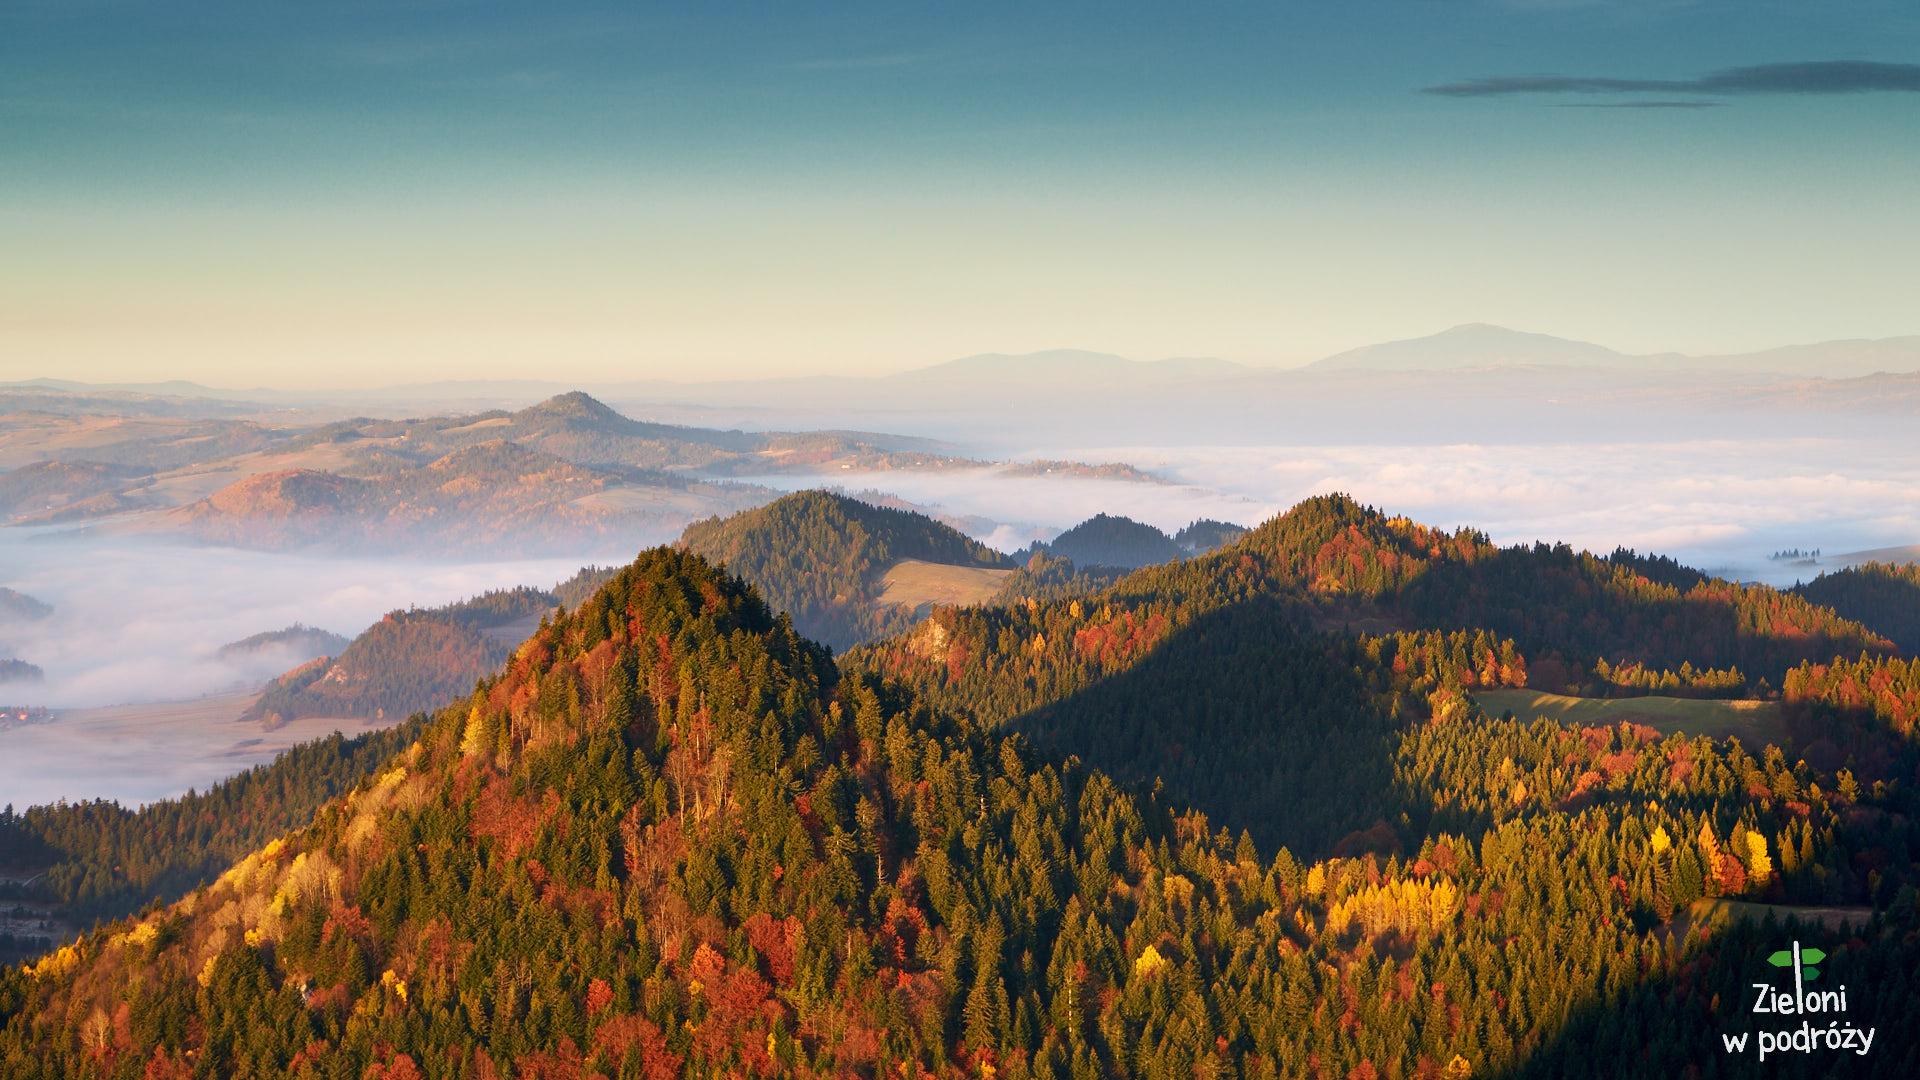 Pieniny w pigułce - strzeliste wzniesienia i mgły zalegające w dolinach-3